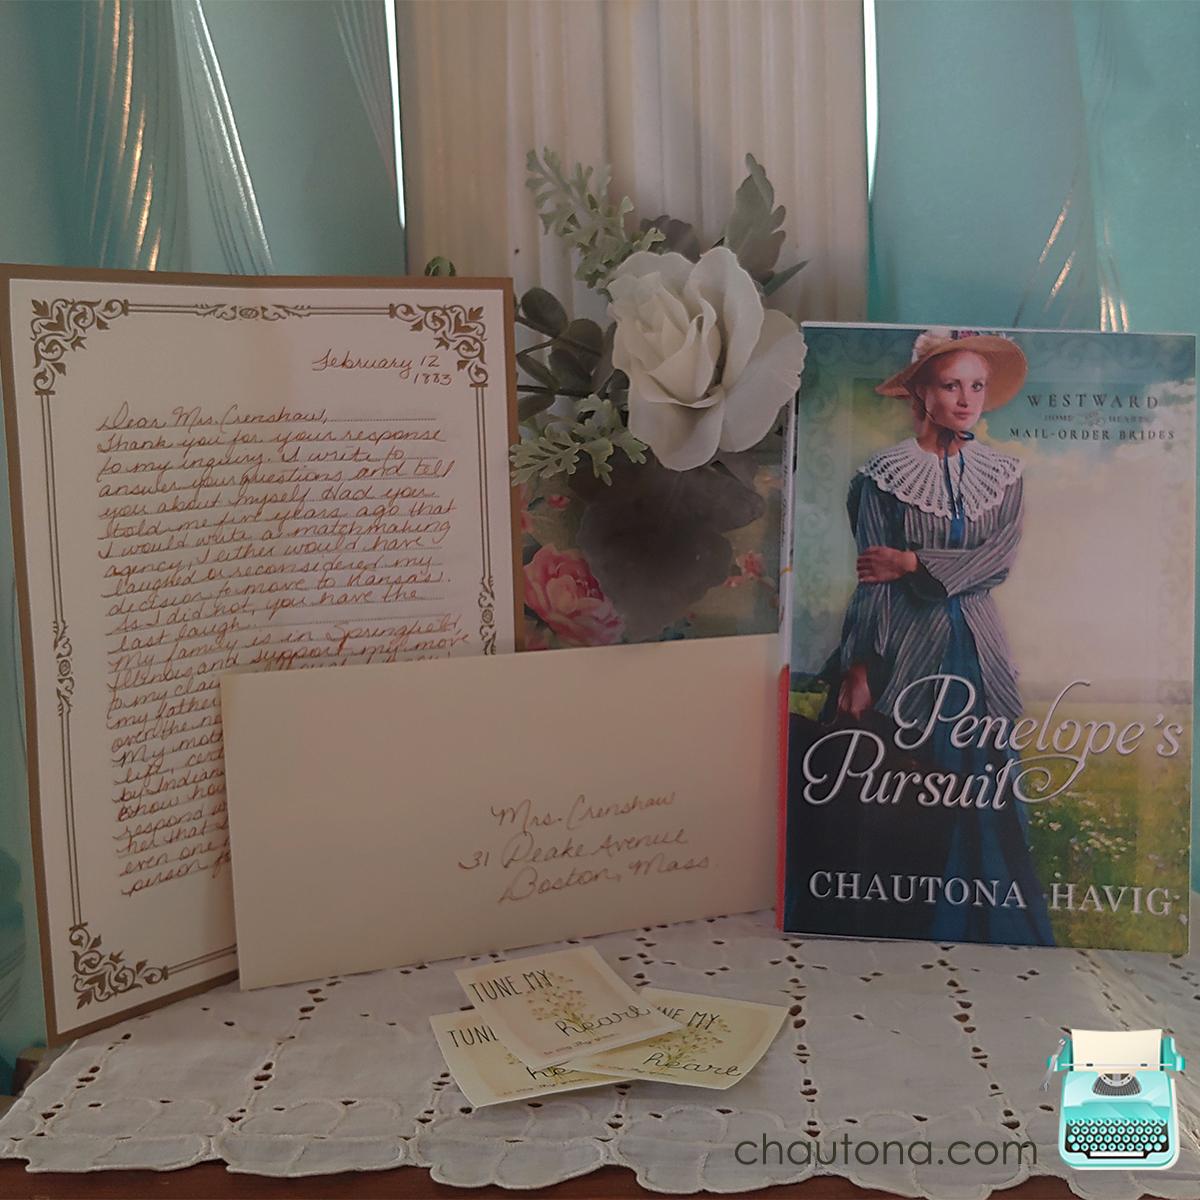 mail-order bride giveaway